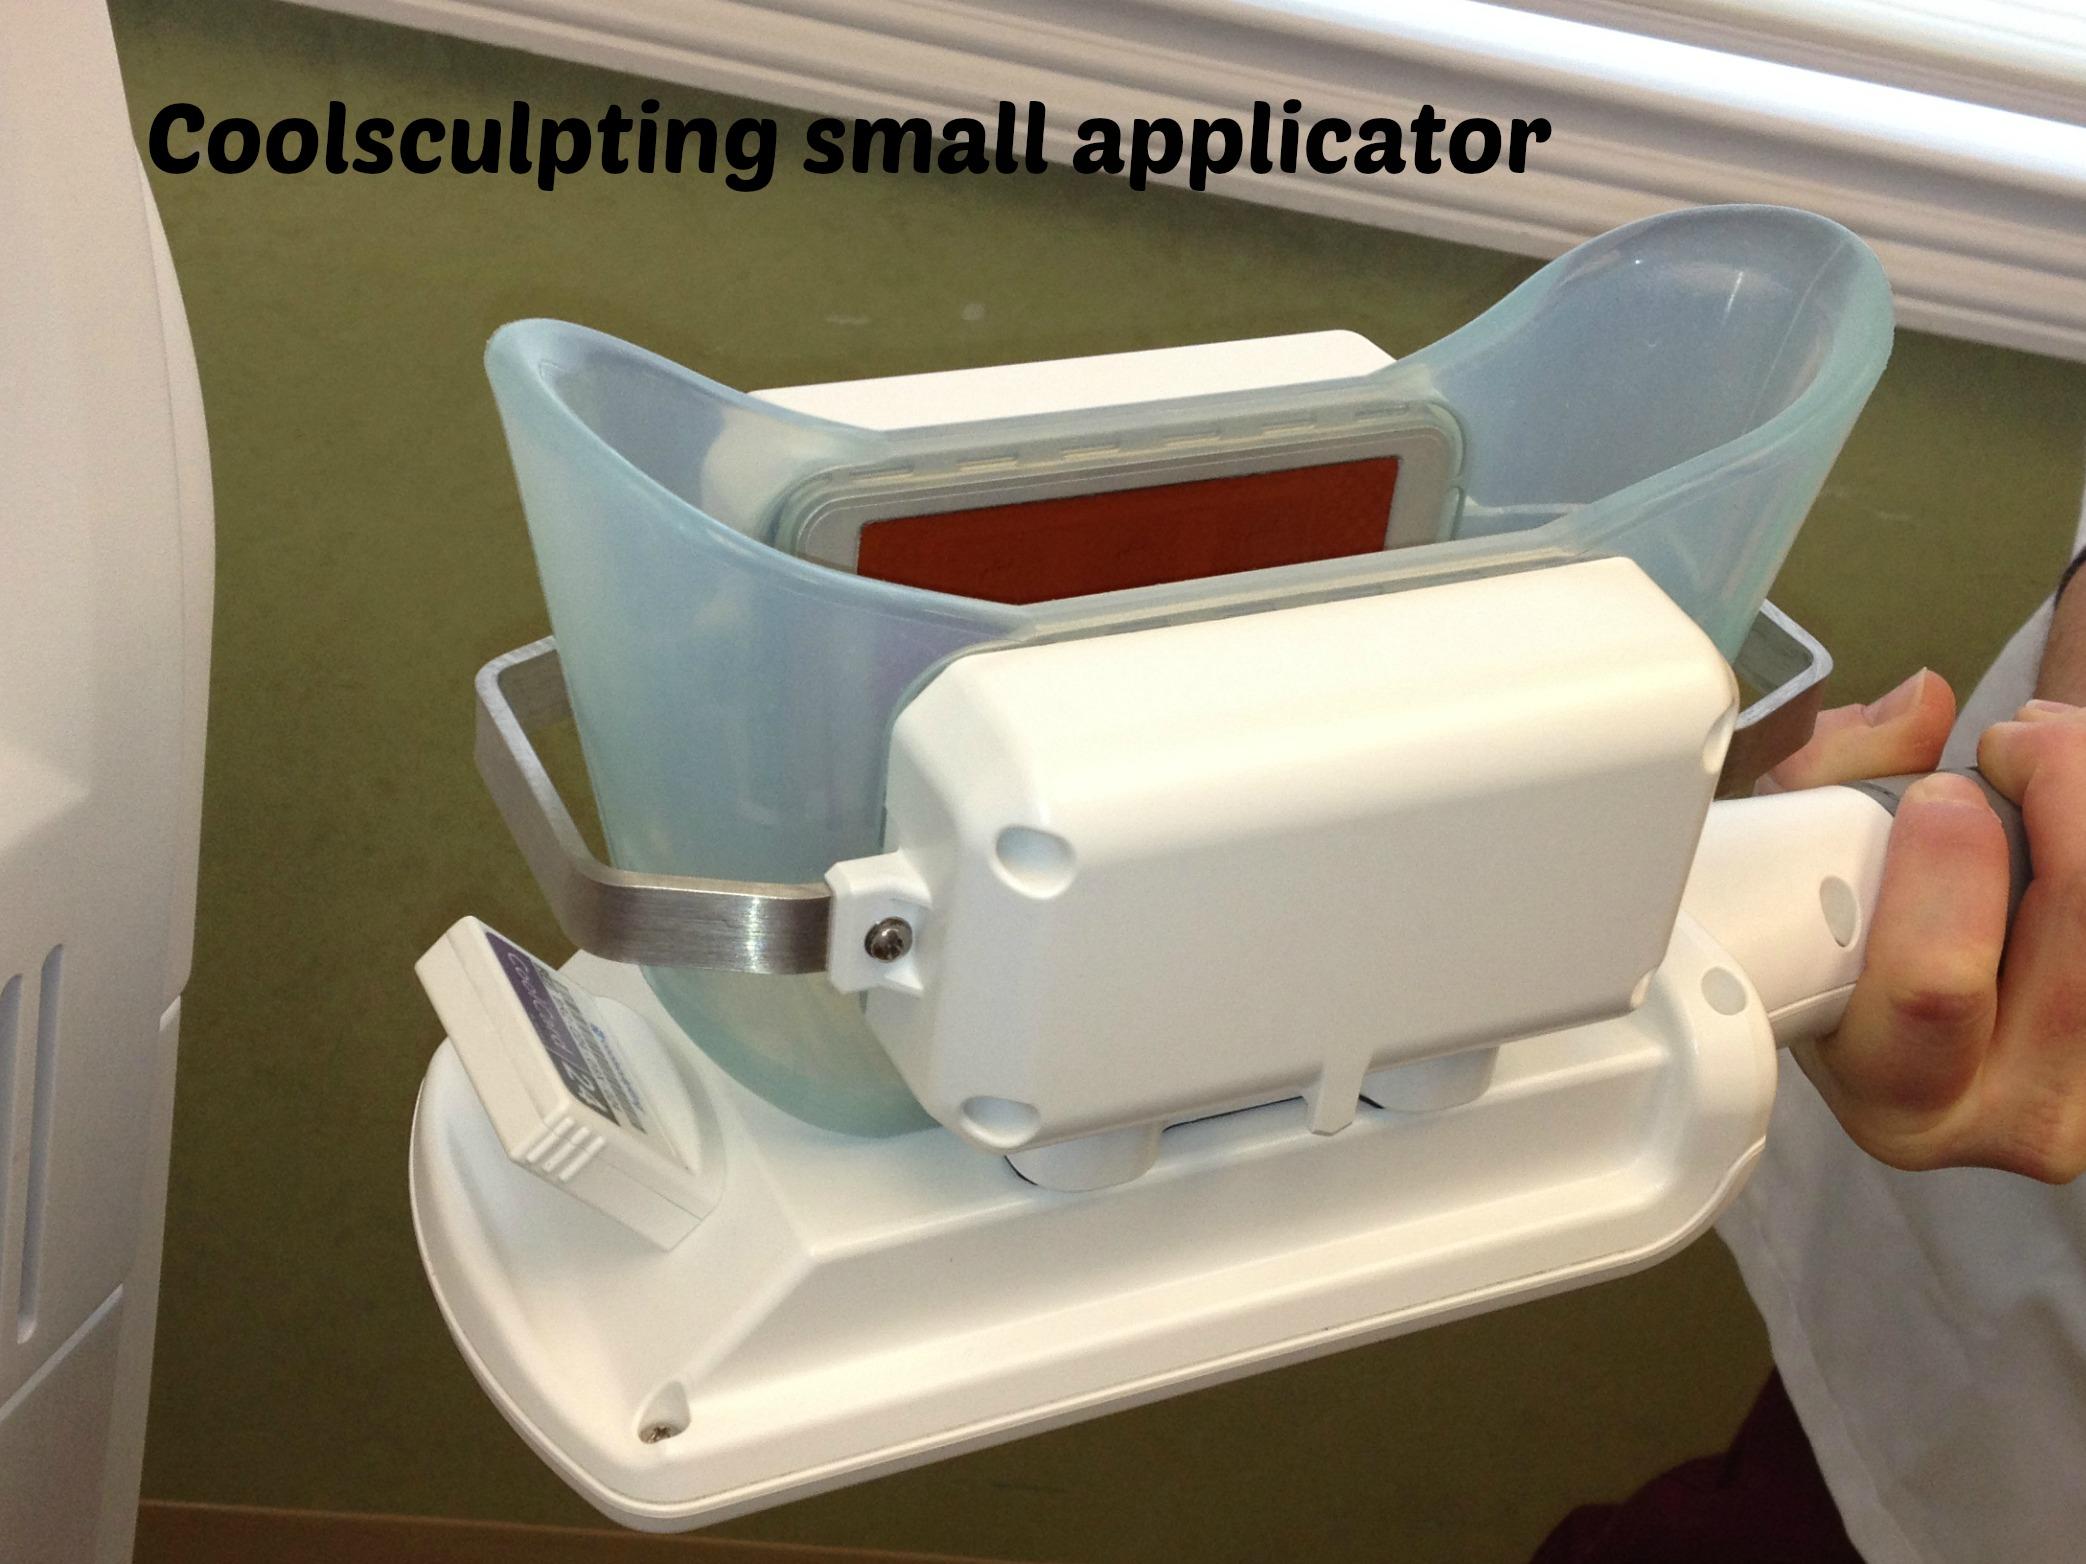 coolsculpting applicator photo